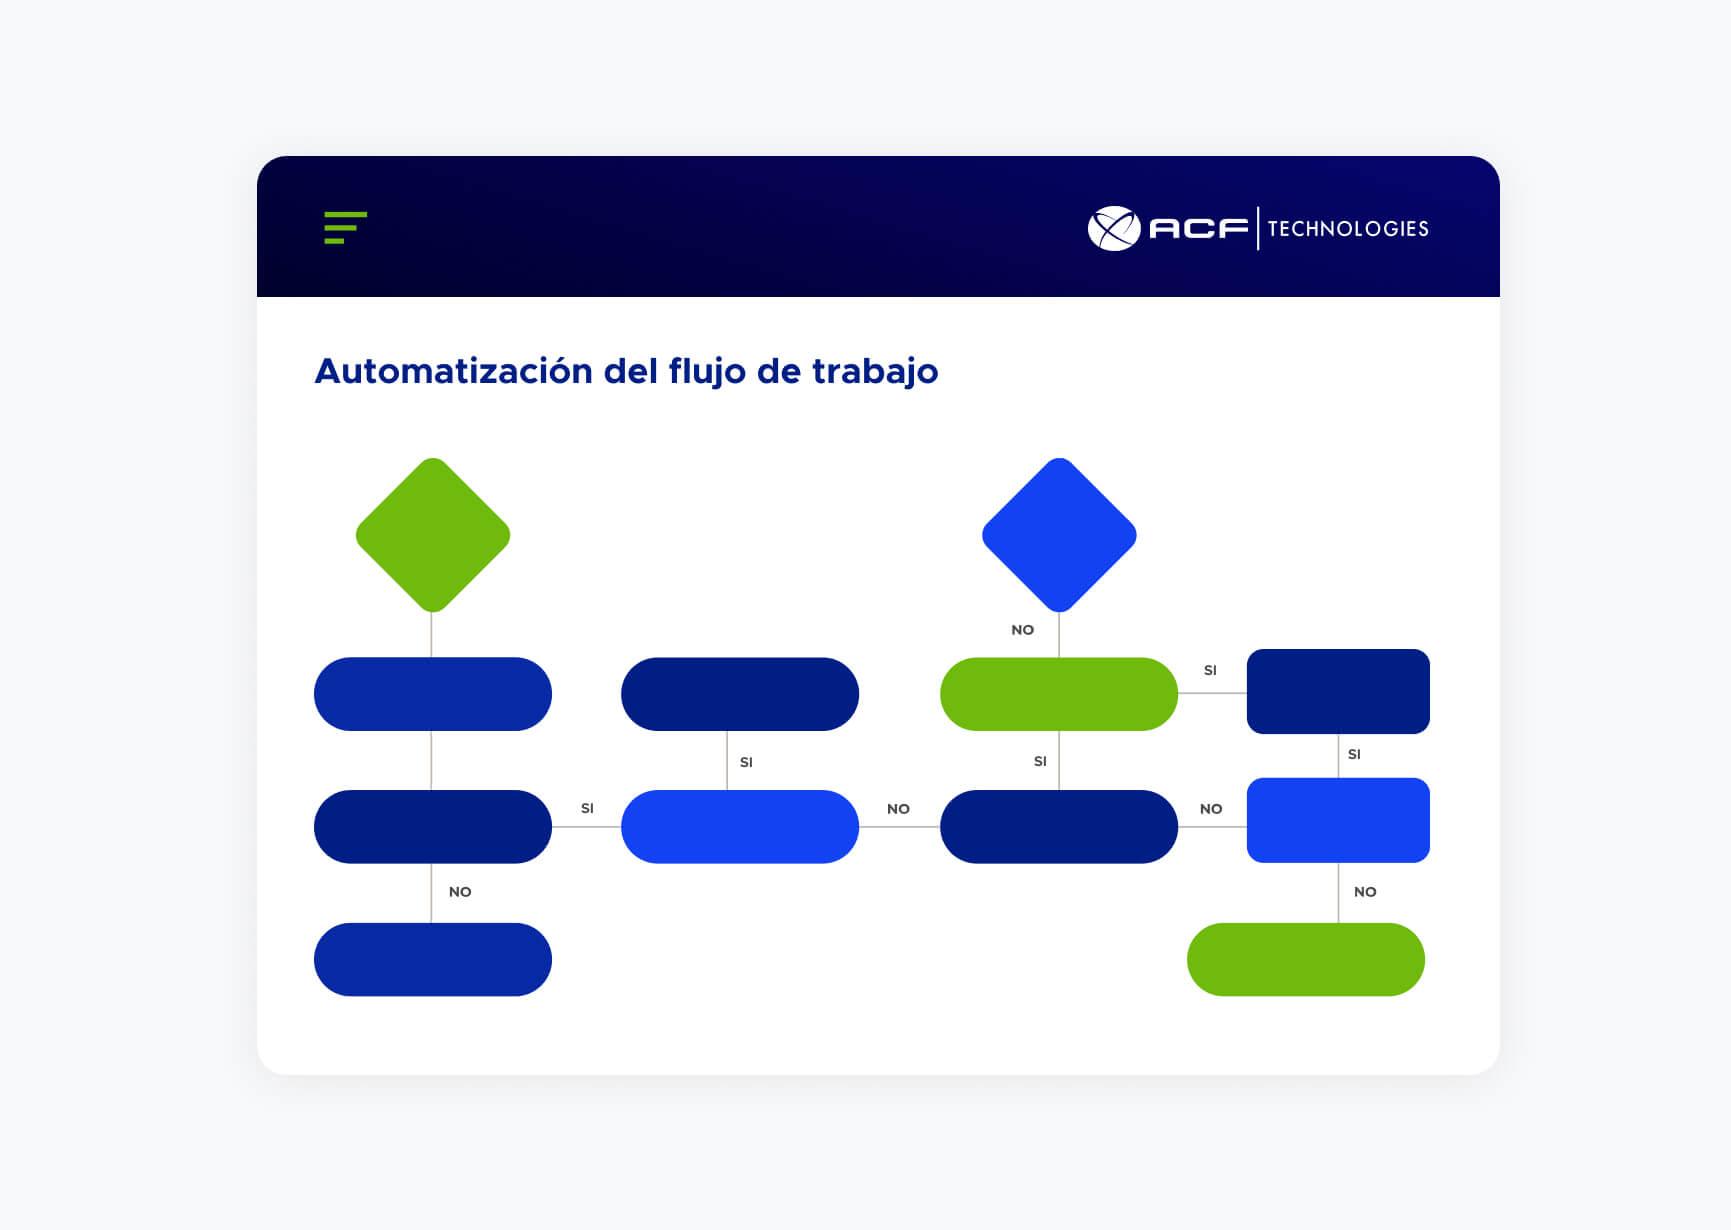 Gráfico de automatización del flujo de trabajo de ACF Technologies